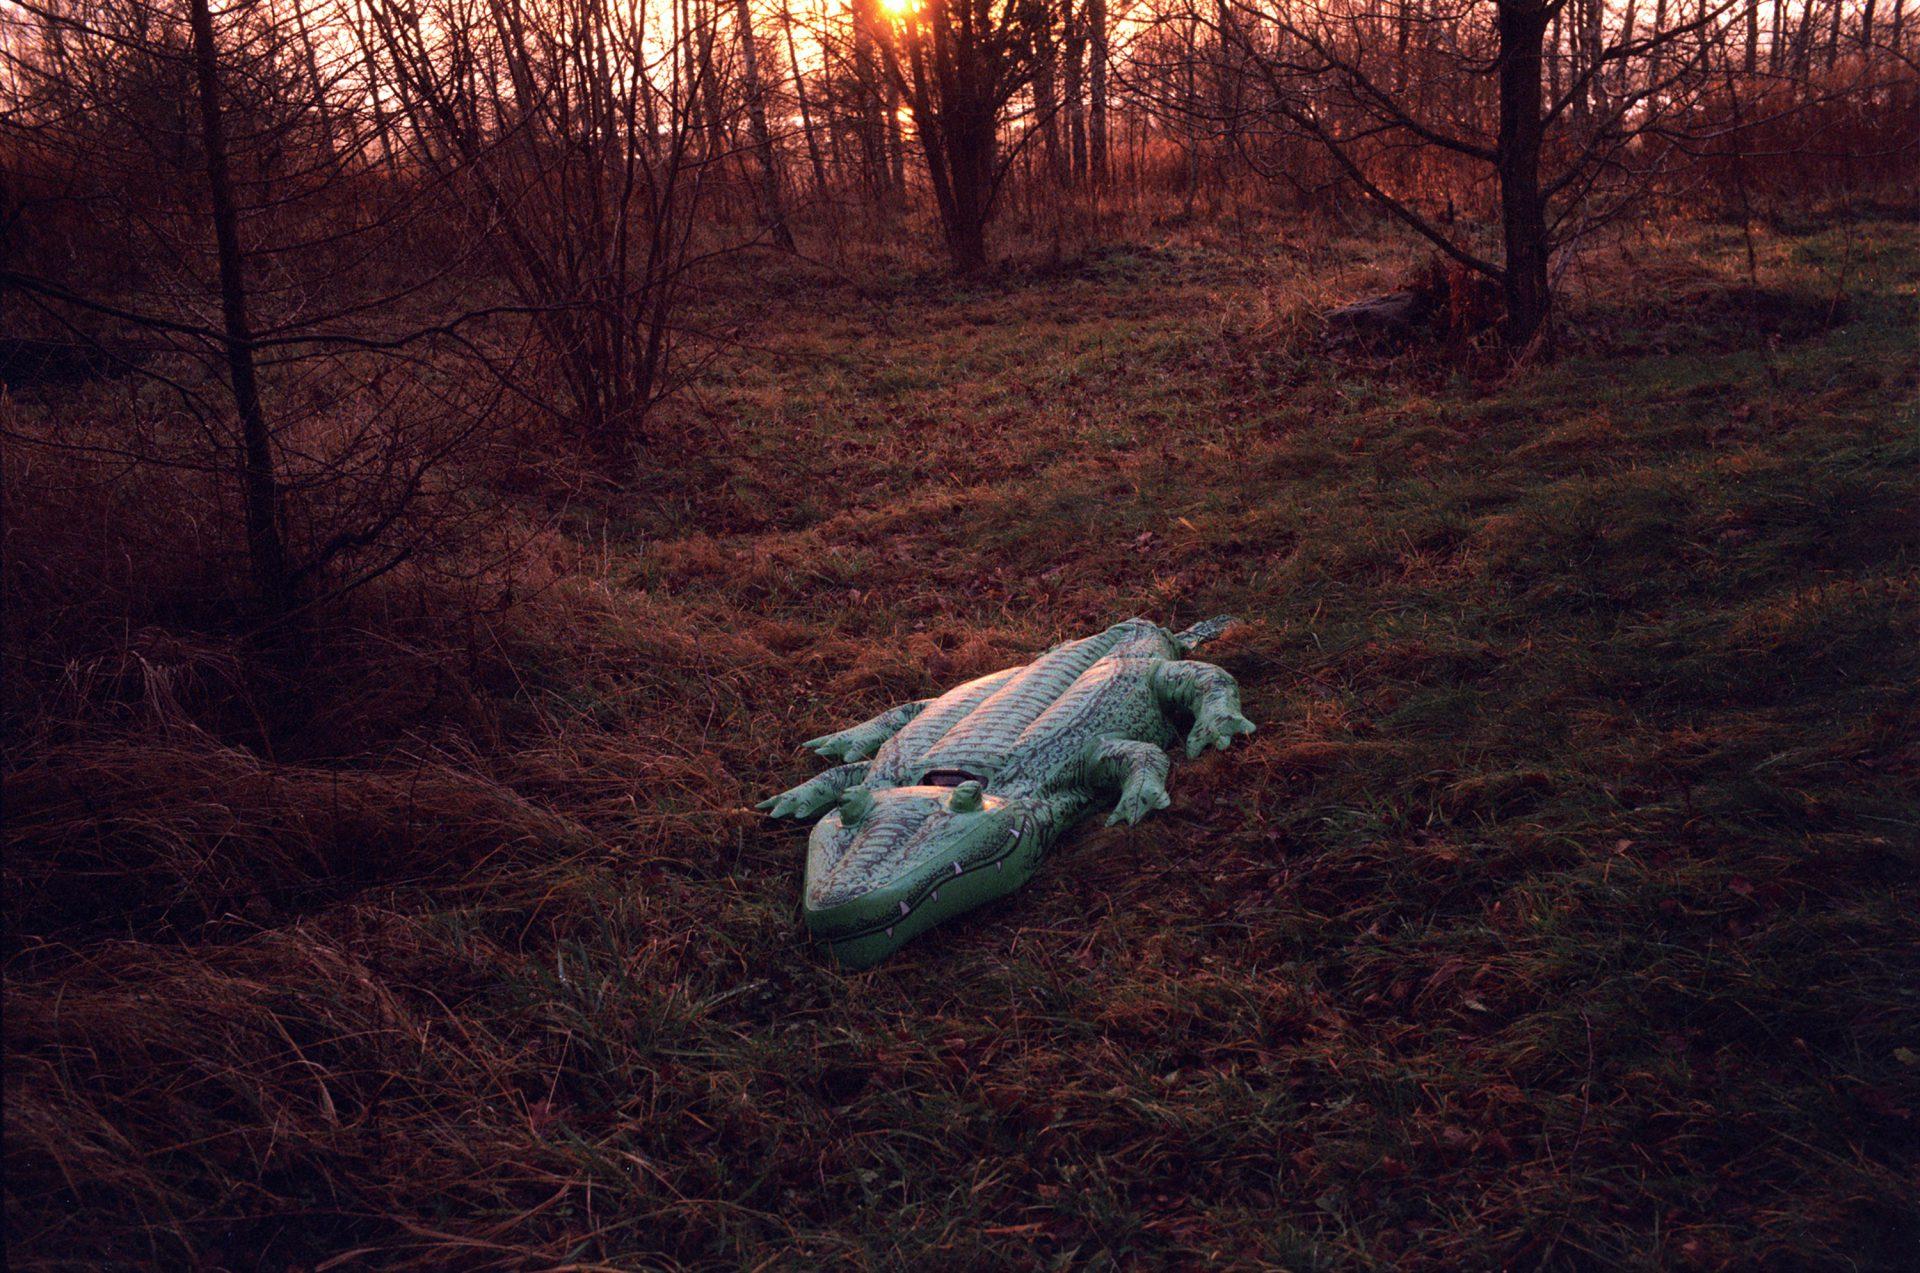 Dmuchany krokodyl wlasku natle zachodzącego słońca.